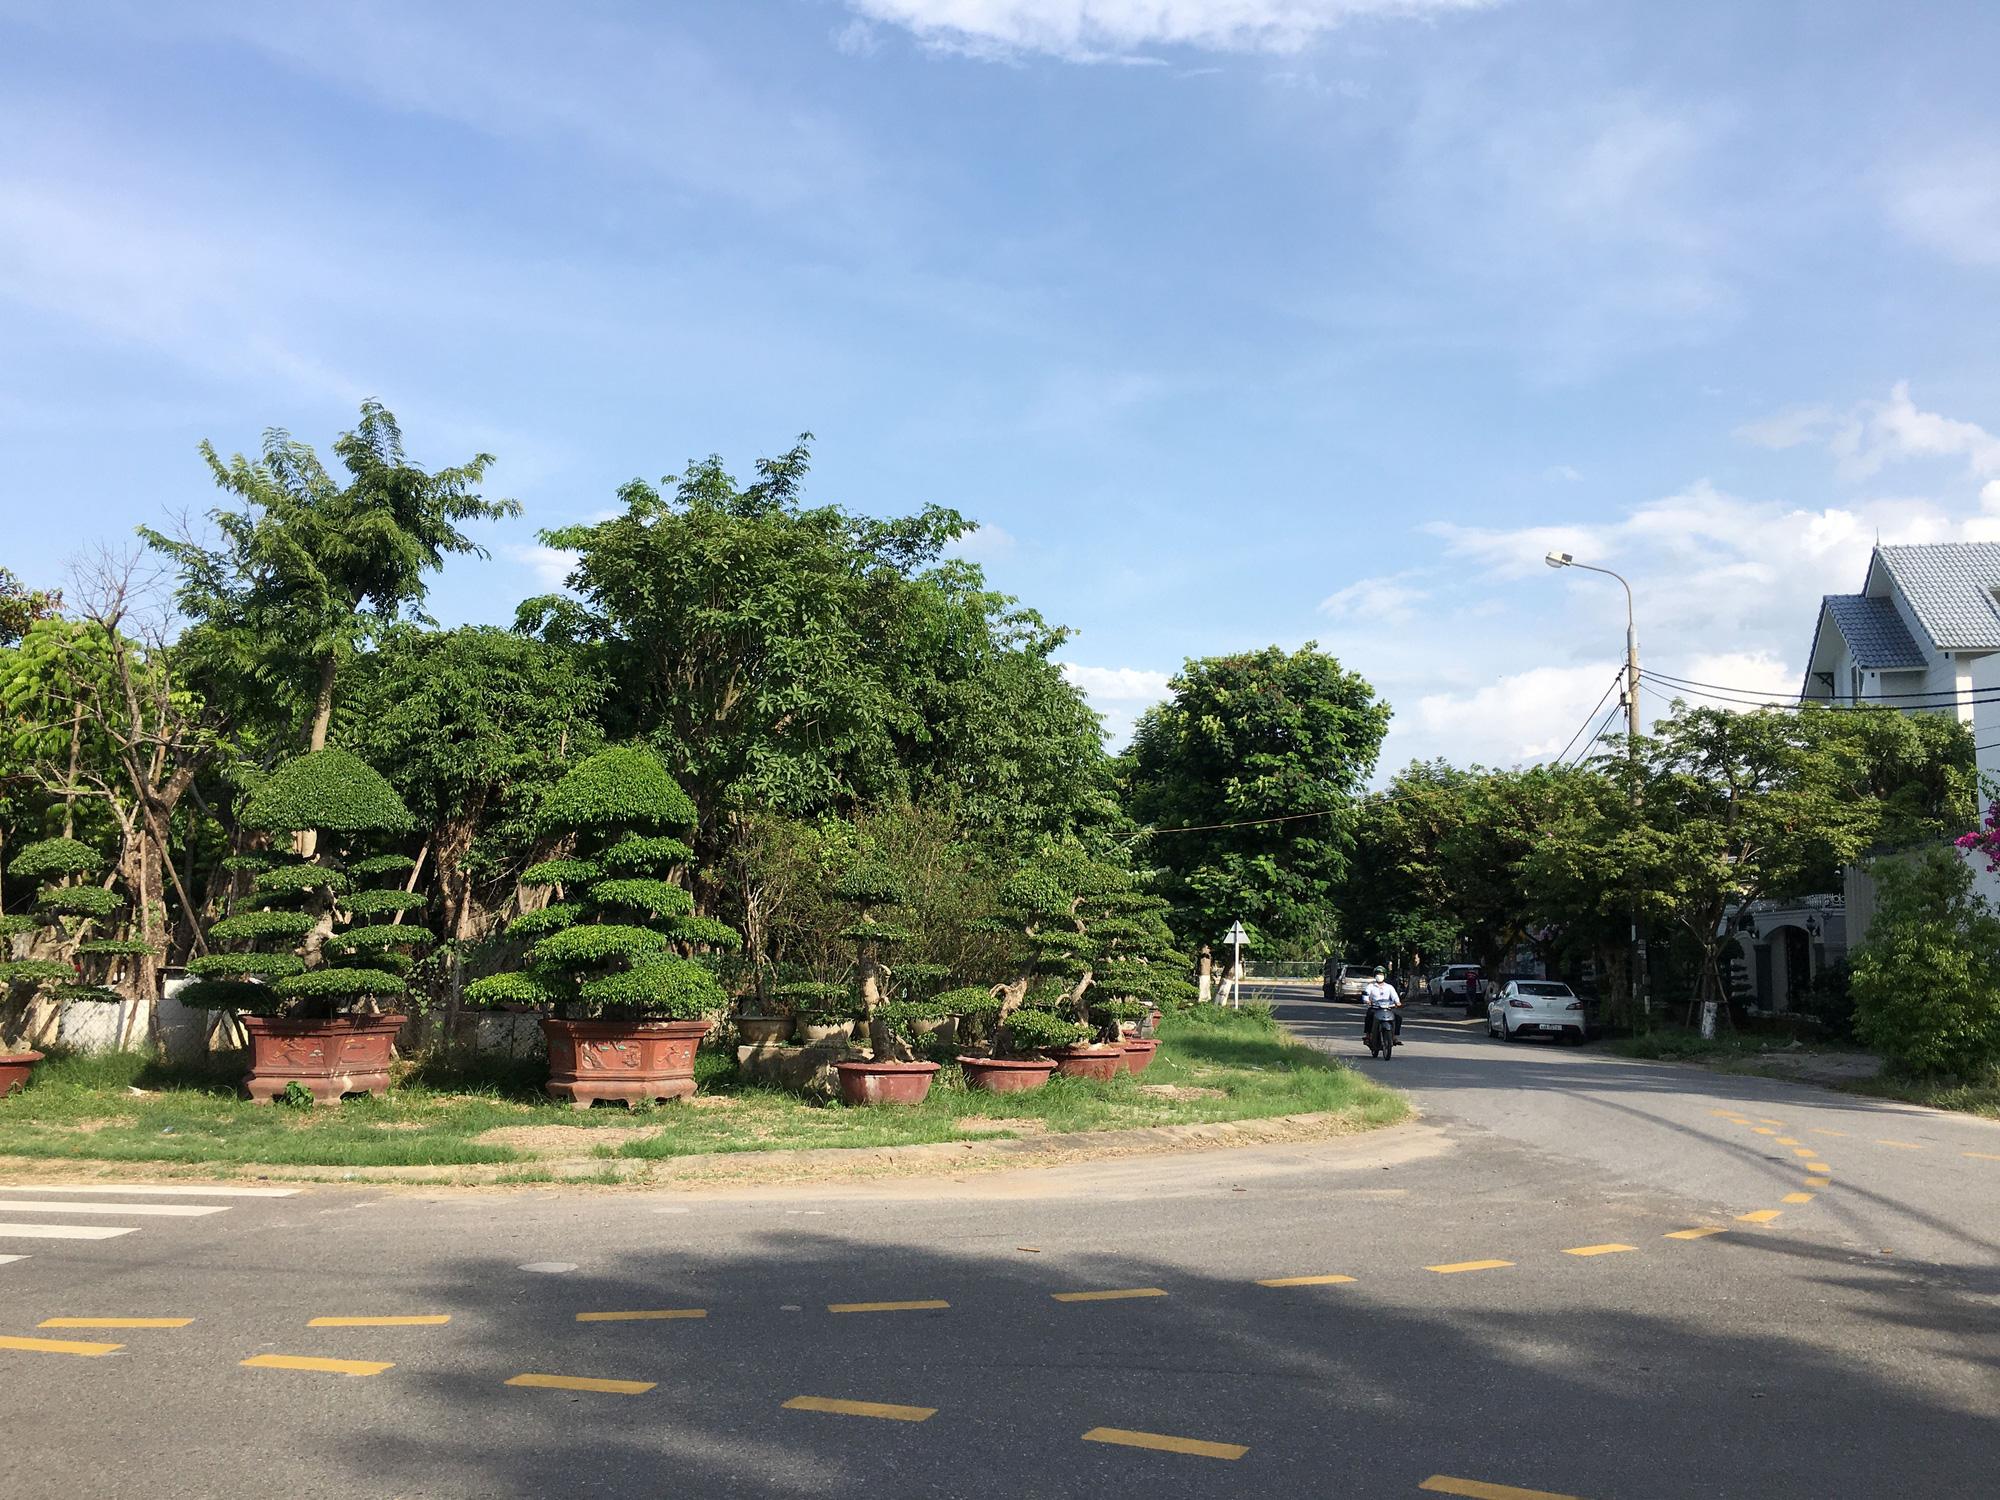 Cận cảnh hai khu đất ở quận Cẩm Lệ, Đà Nẵng sẽ đấu giá làm bãi đỗ xe - Ảnh 7.